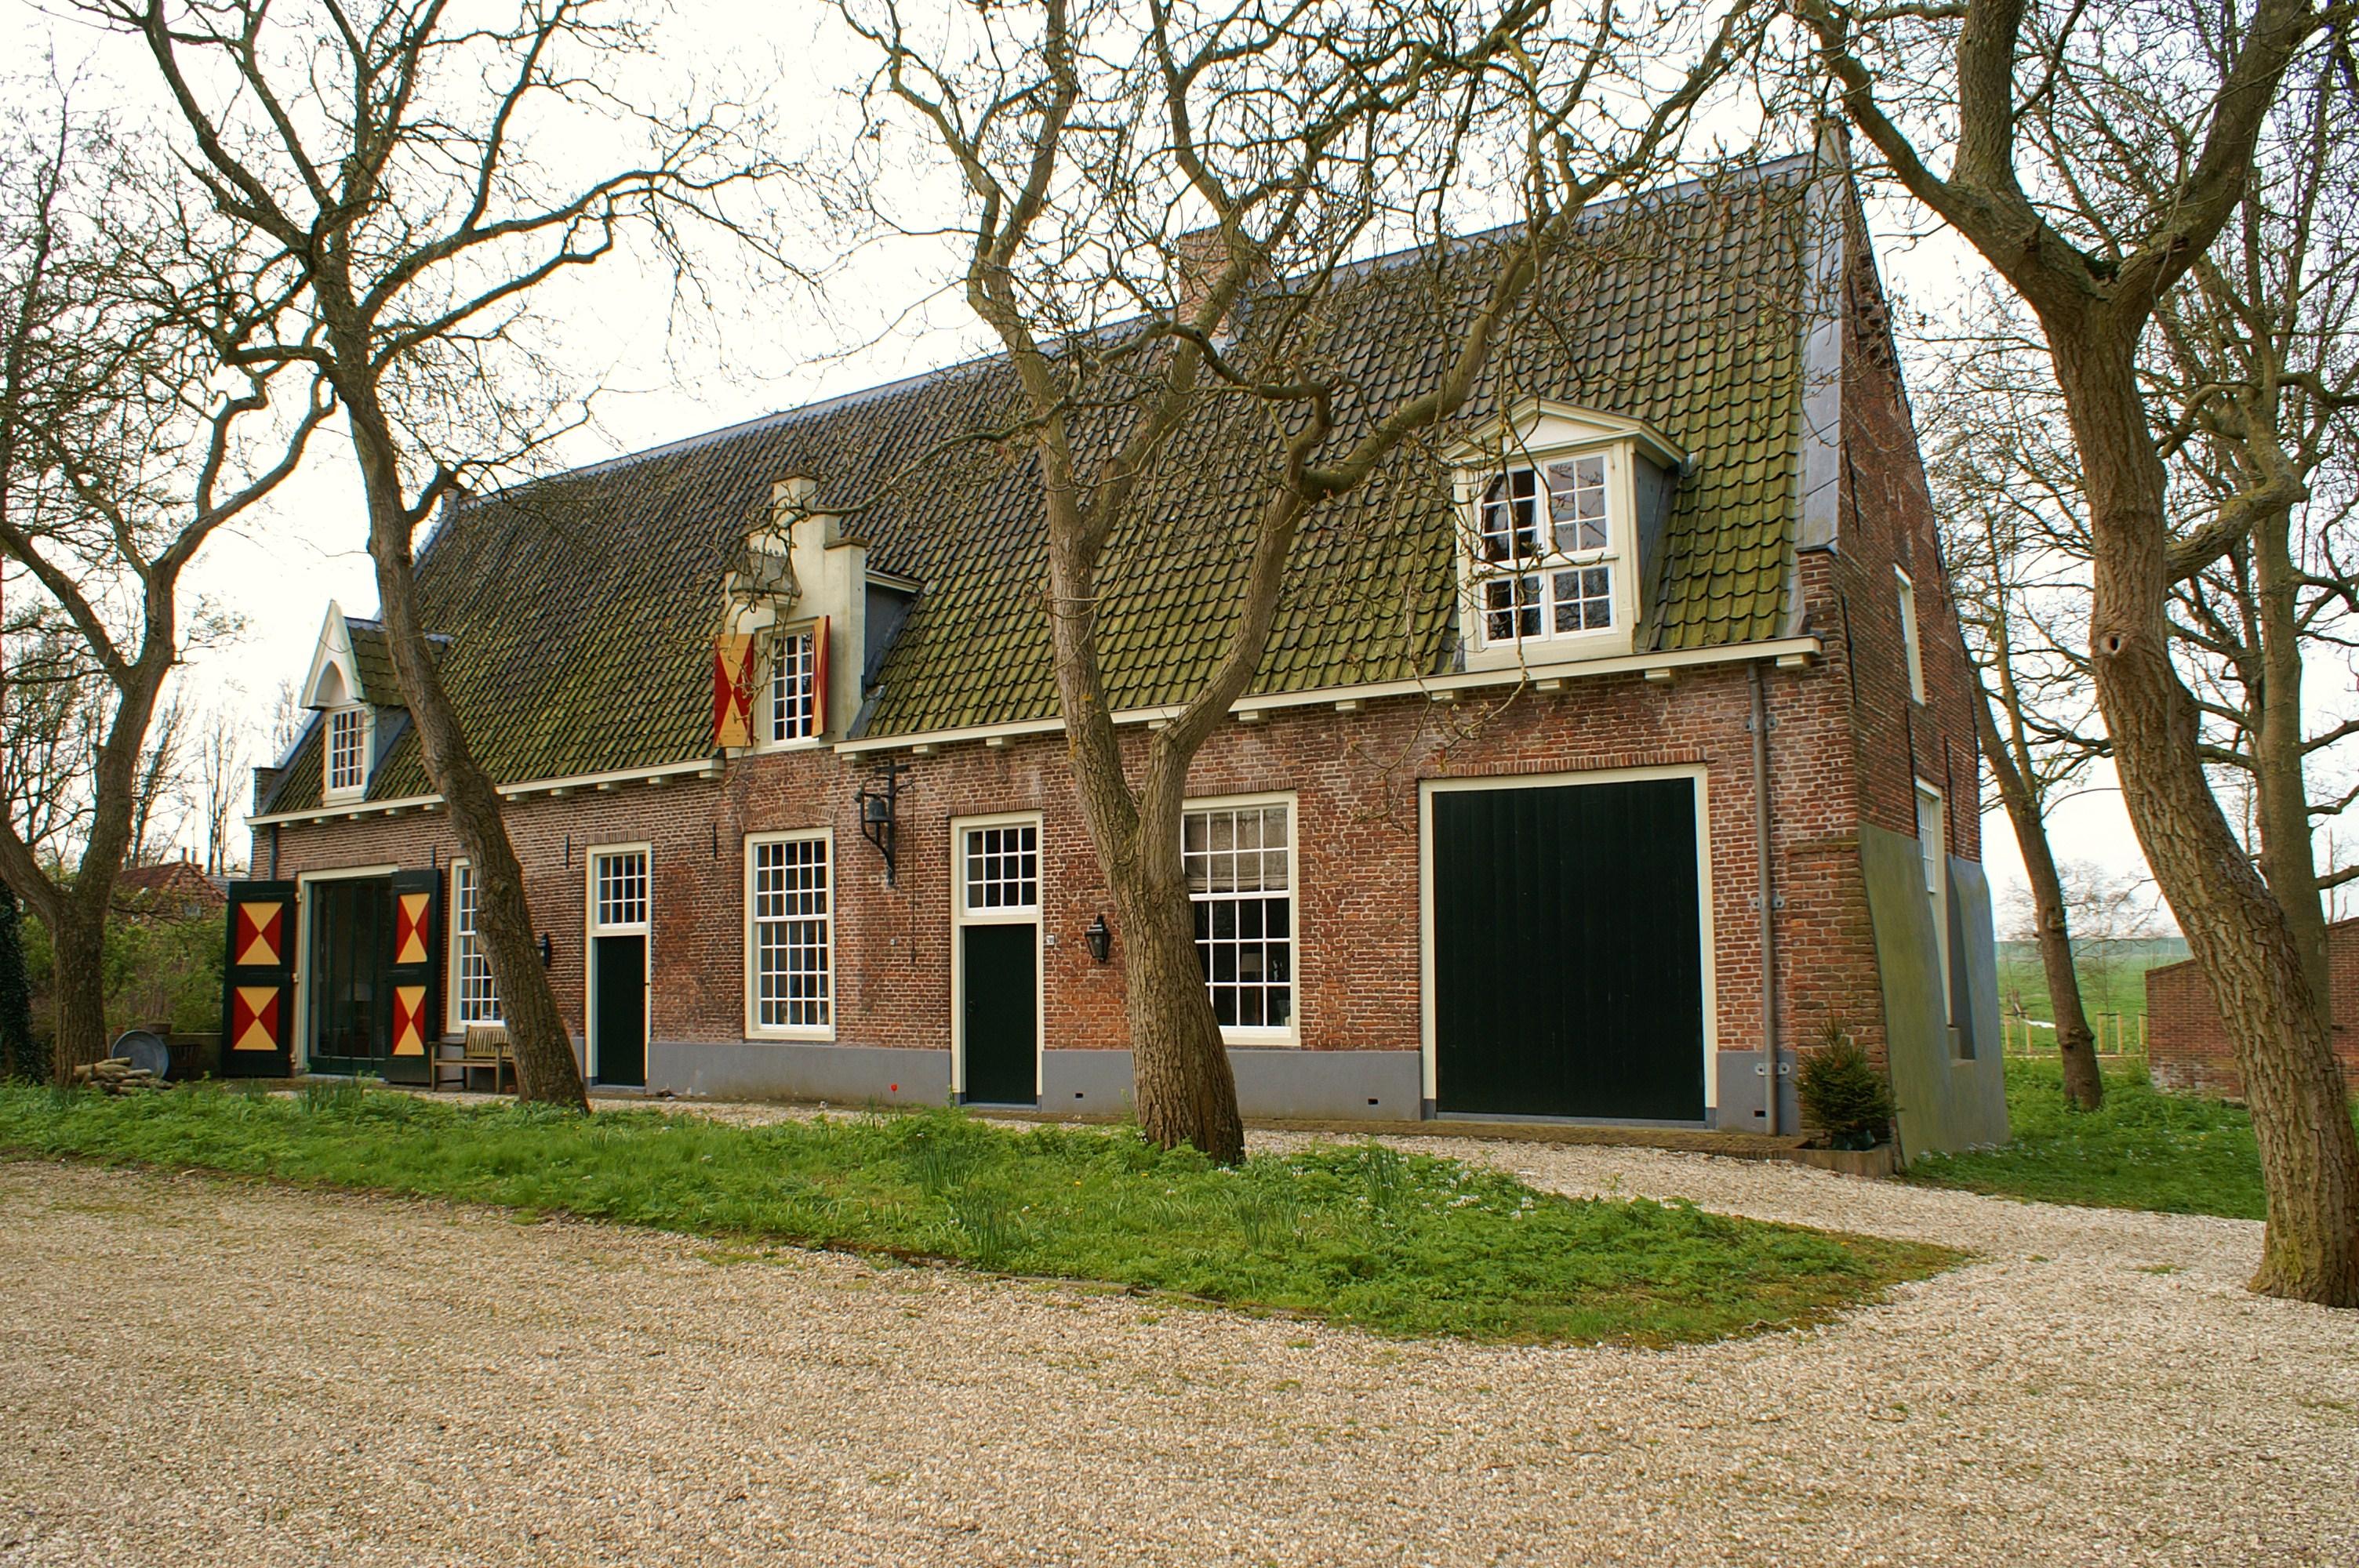 Loenersloot  koetshuis in Loenersloot   Monument   Rijksmonumenten nl